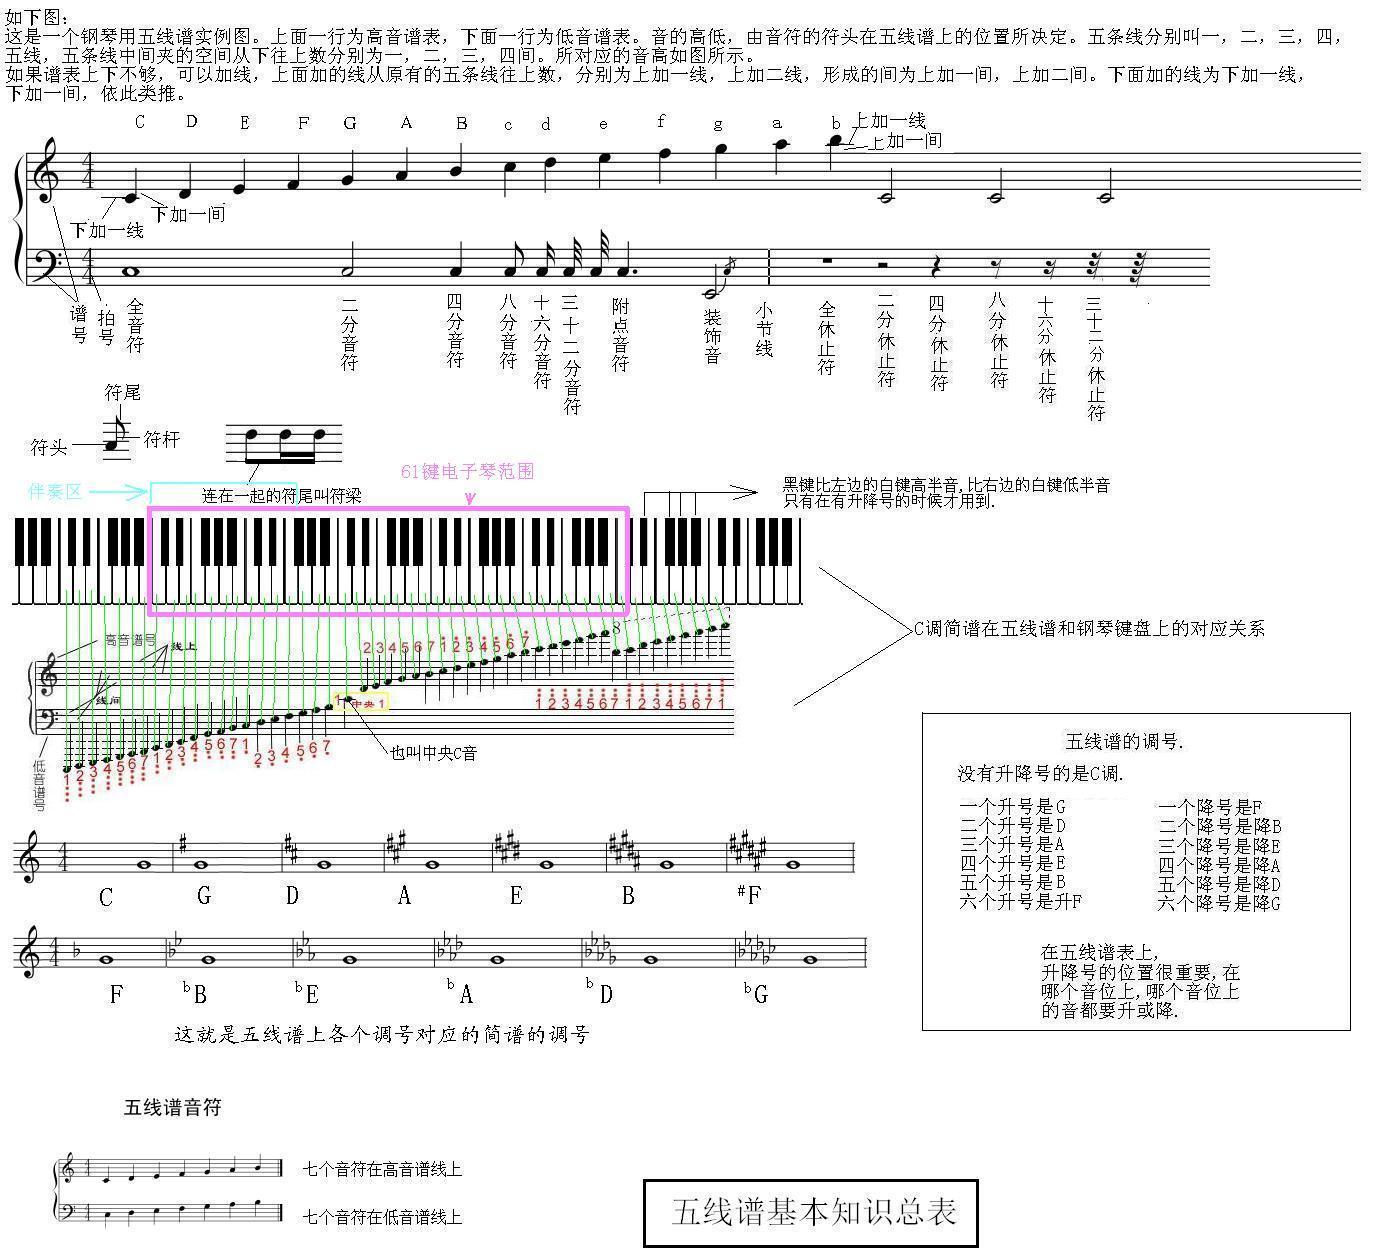 钢琴黑键在五线谱上怎么提示?